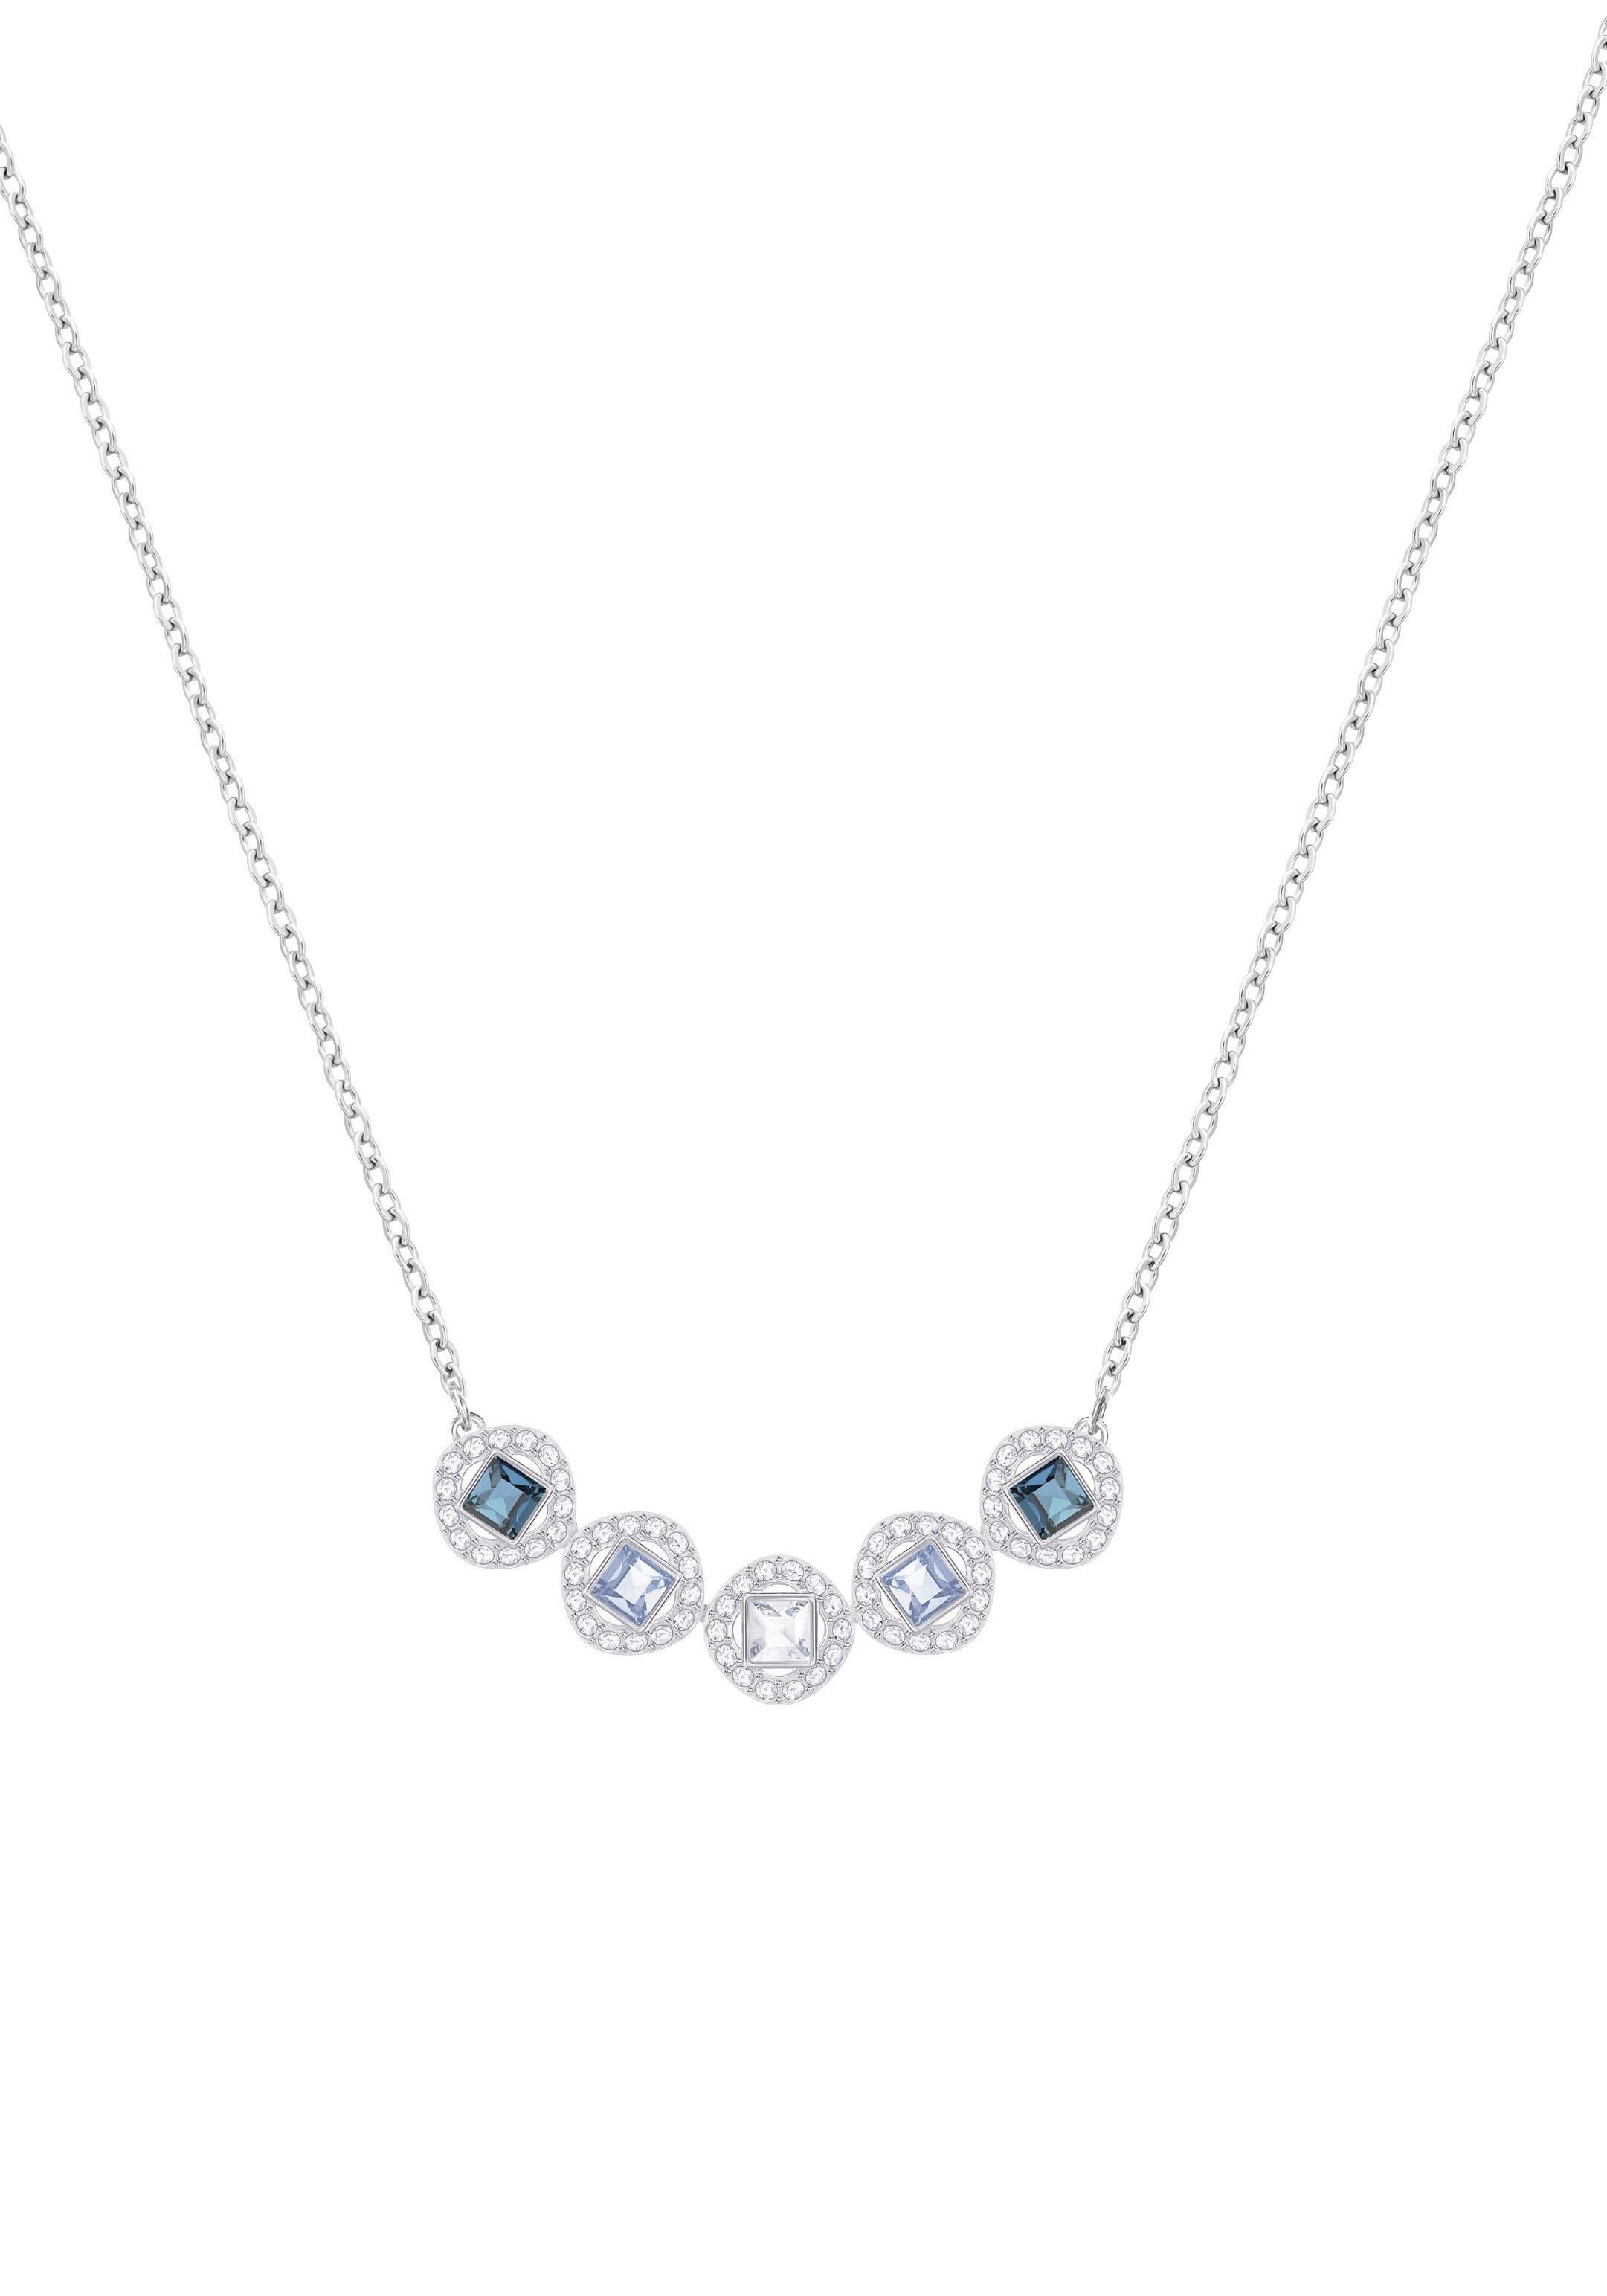 Swarovski Kette mit Anhänger »Angelic Square Halskette, blau, rhodiniert, 5294622« mit Swarovski® Kristallen